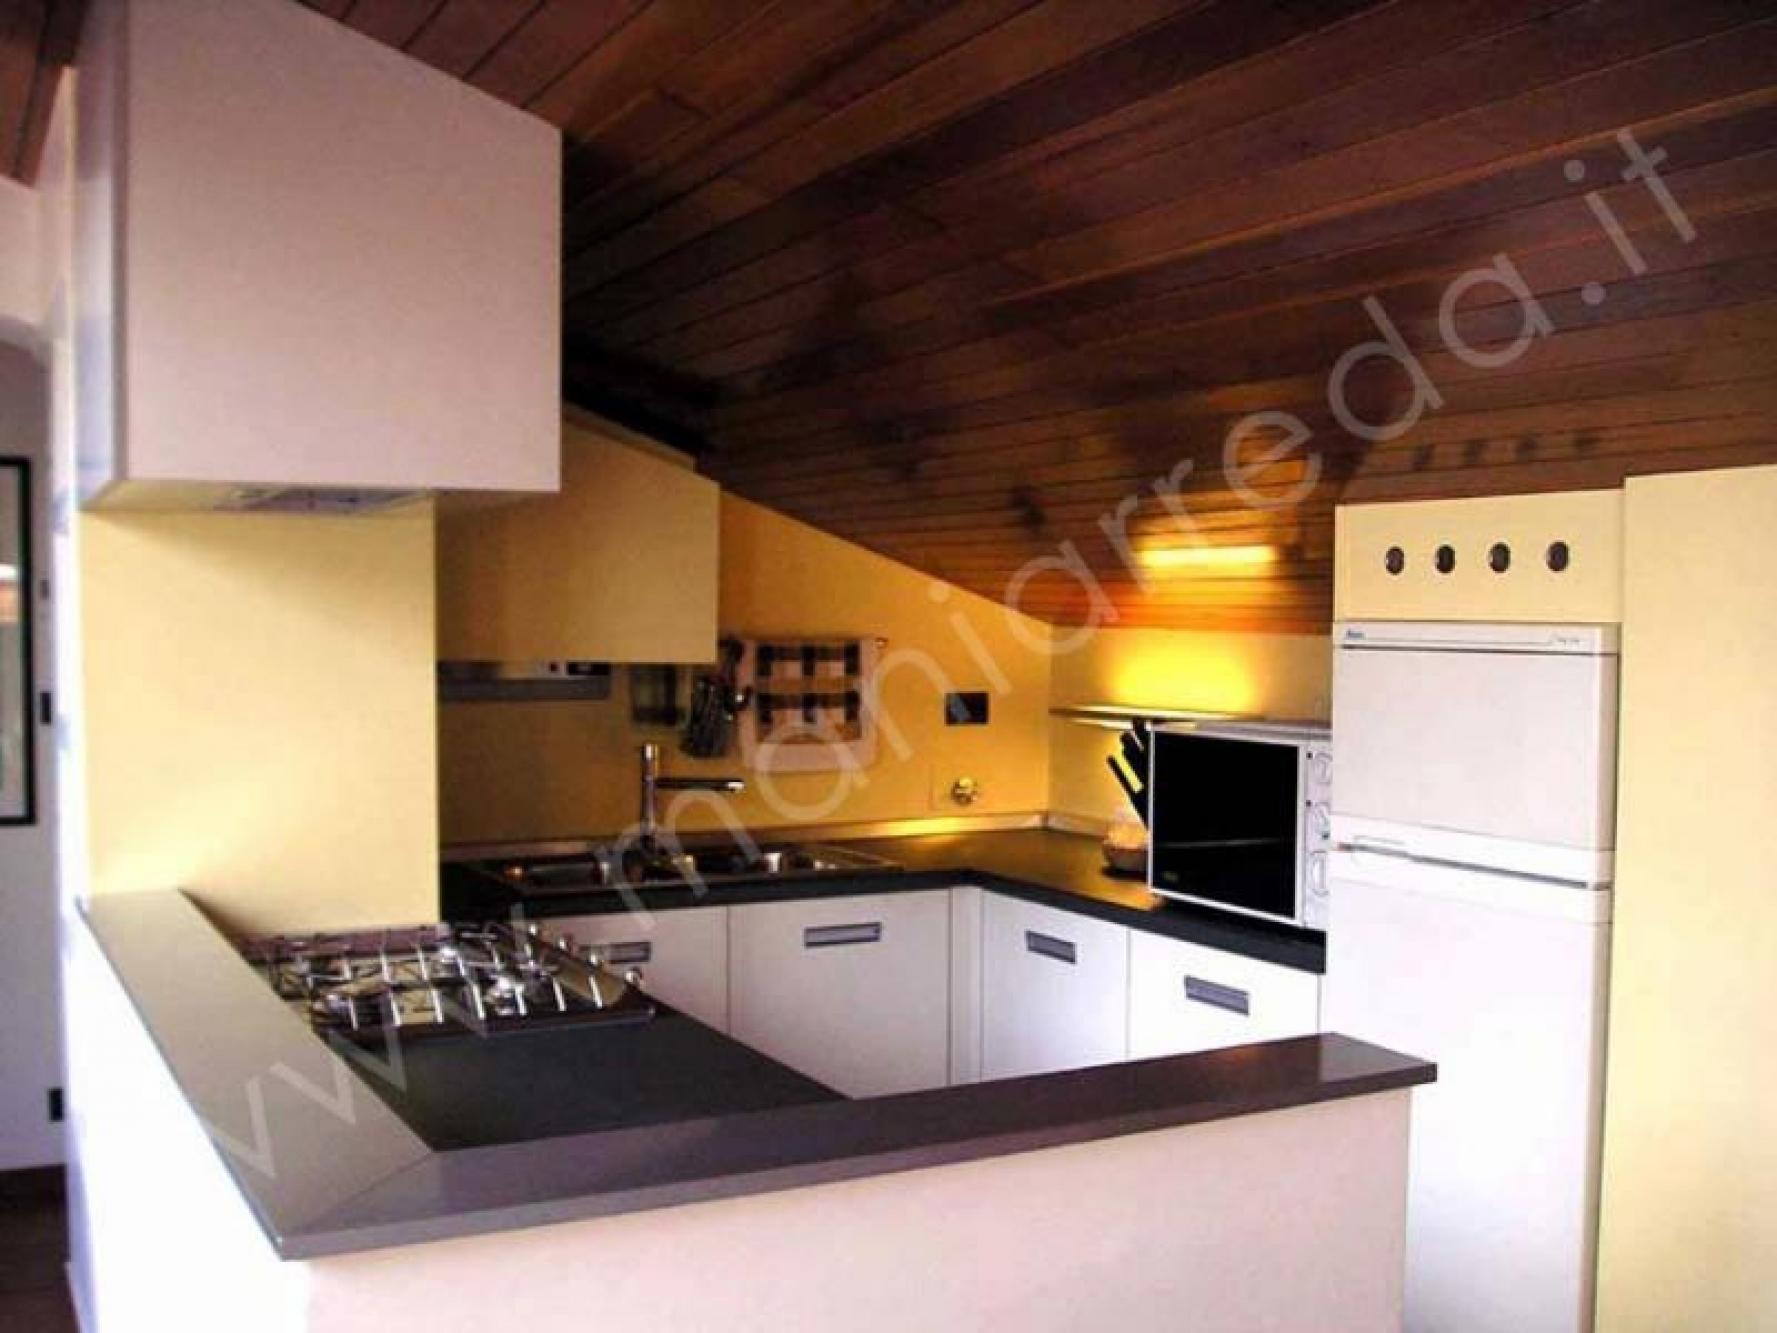 Arredamento Emilia Romagna arredamento cucine bologna, arredamenti cucine su misura | mania